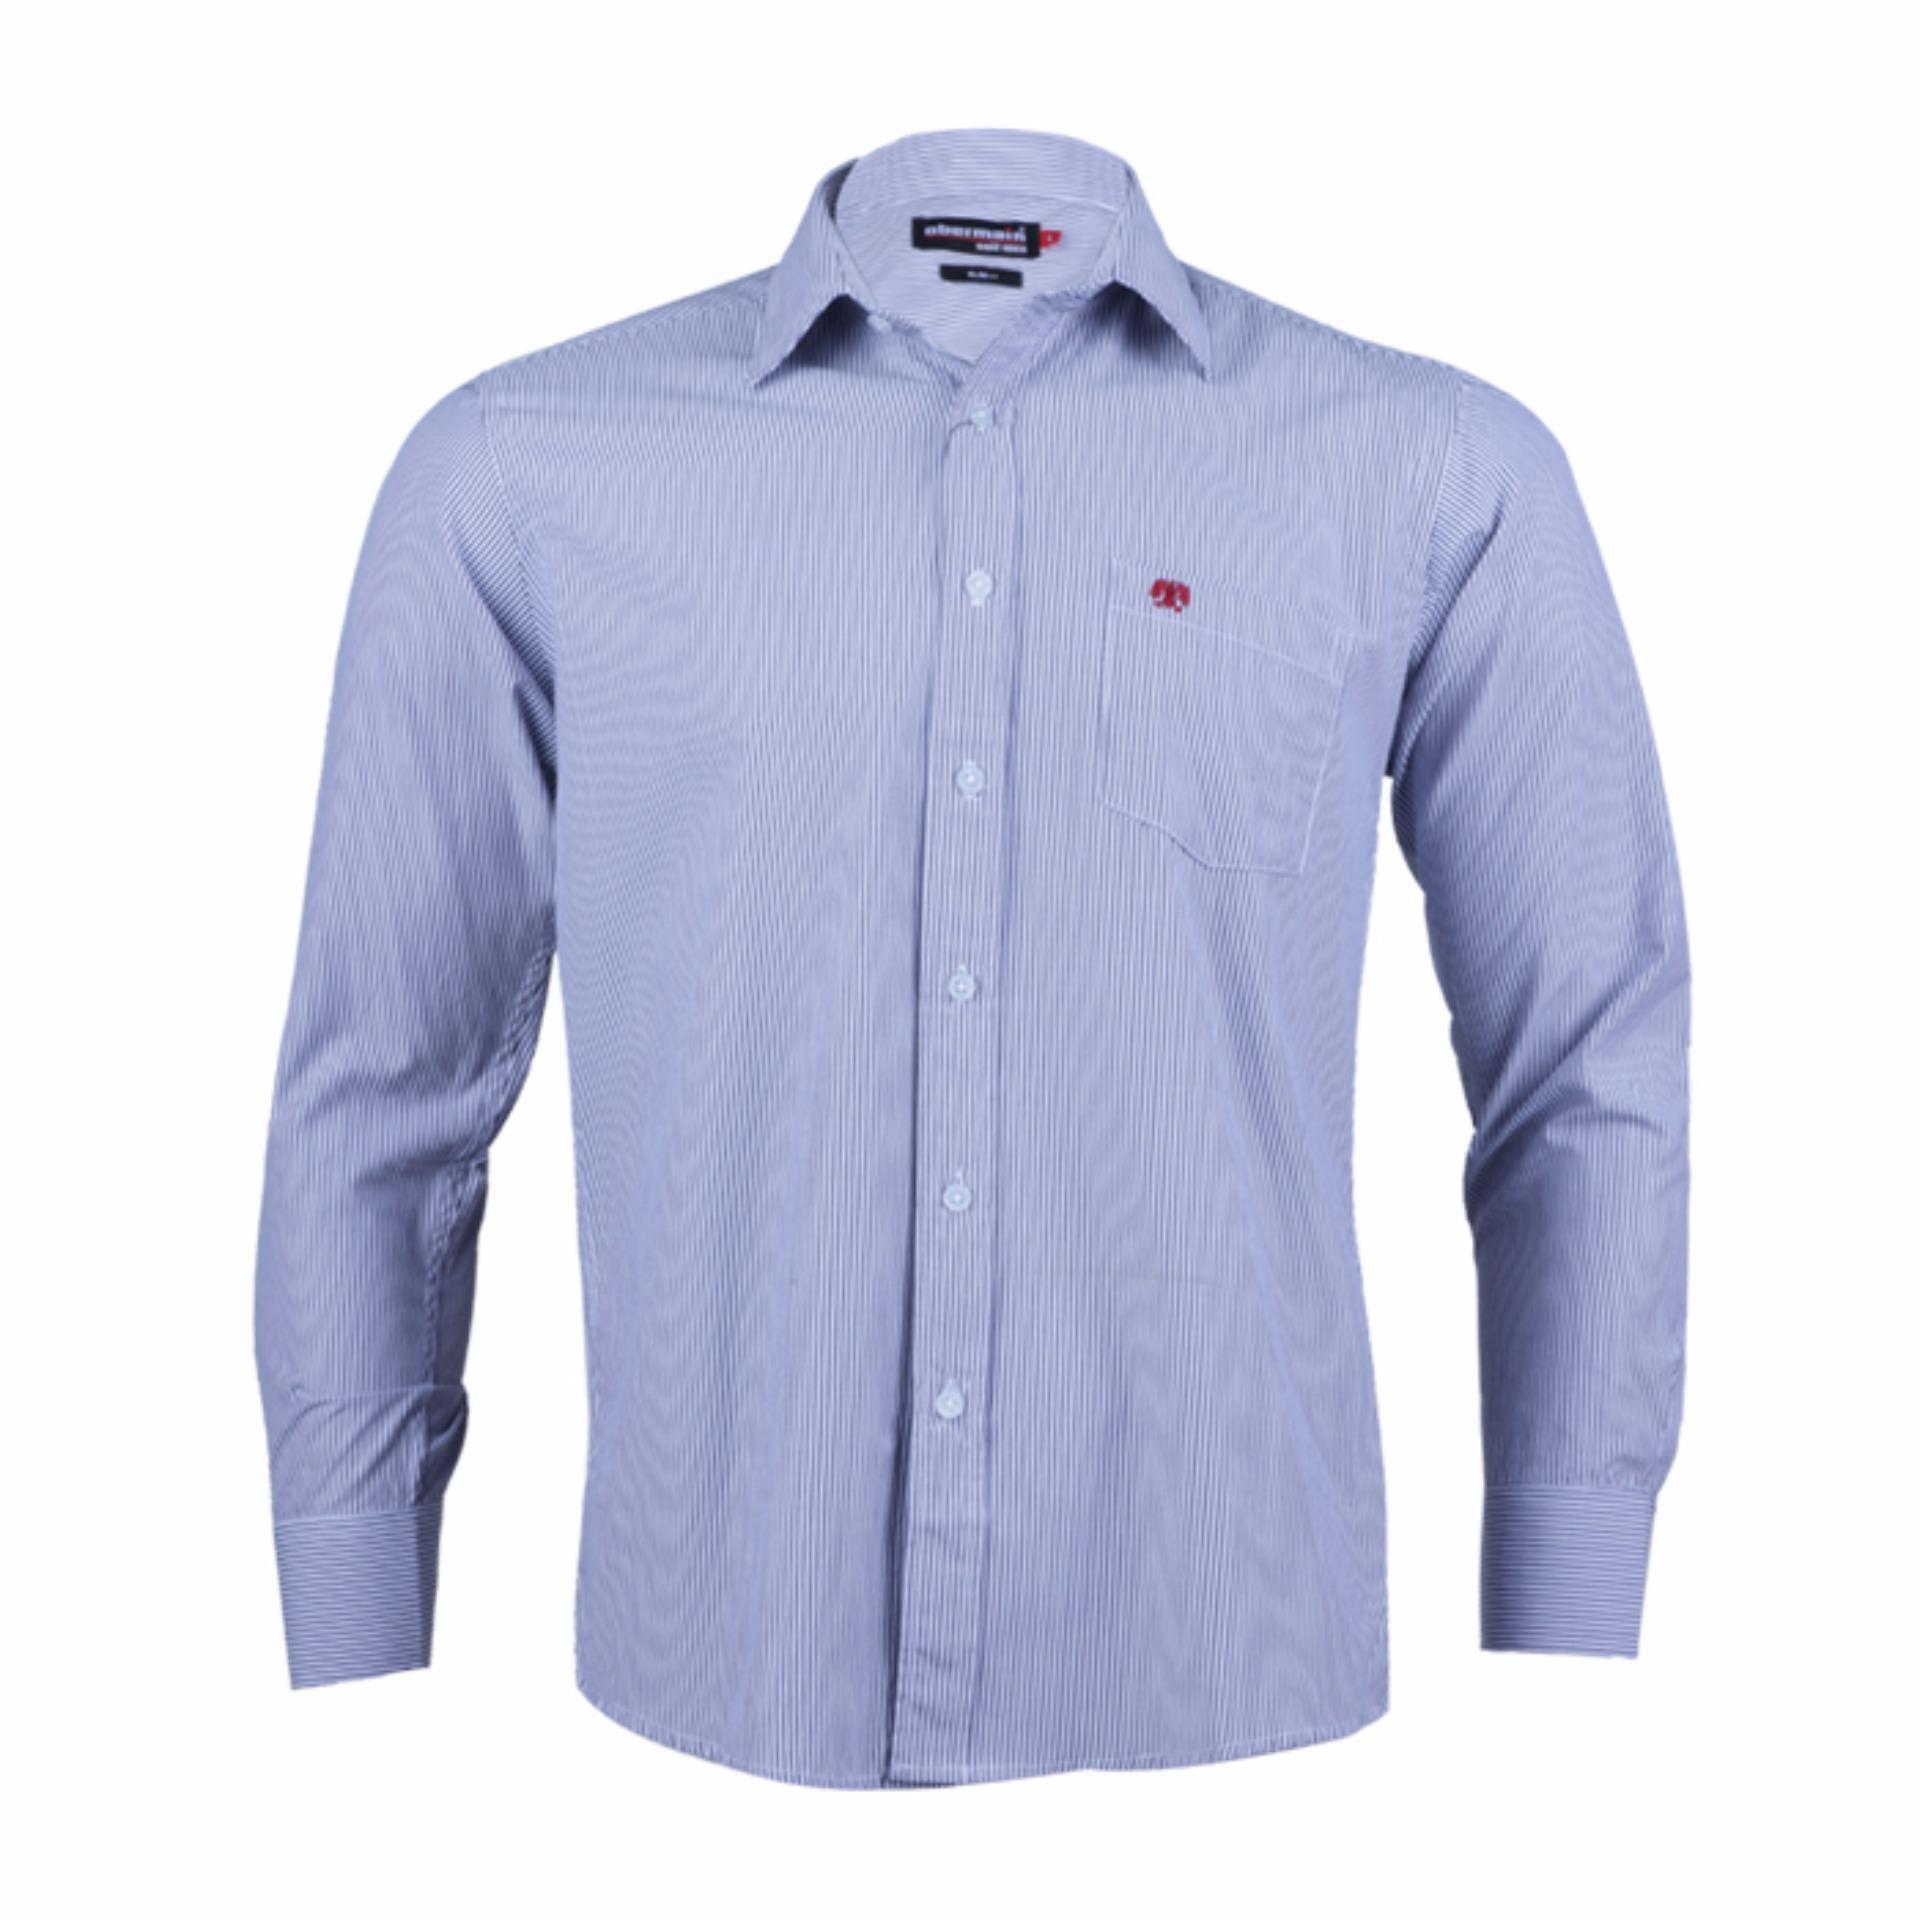 Harga Obermain Kemeja Pria Levi Shirt Blue Terbaru